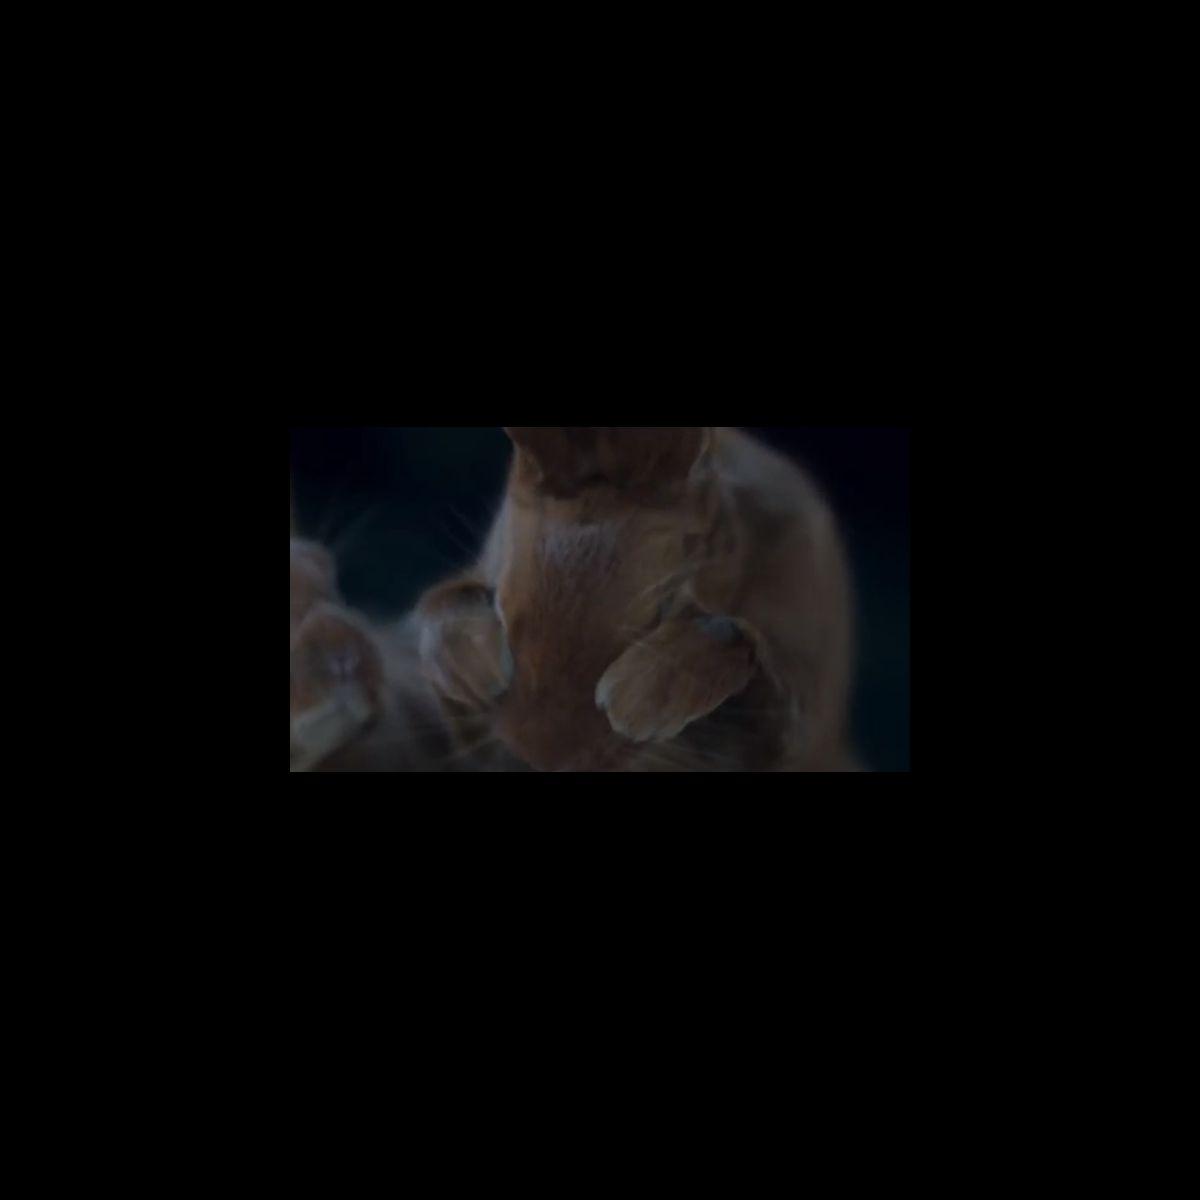 Apr s l 39 ours canal met en sc ne un lapin dans sa nouvelle publicit puremedias - Sonia mabrouk en couple ...